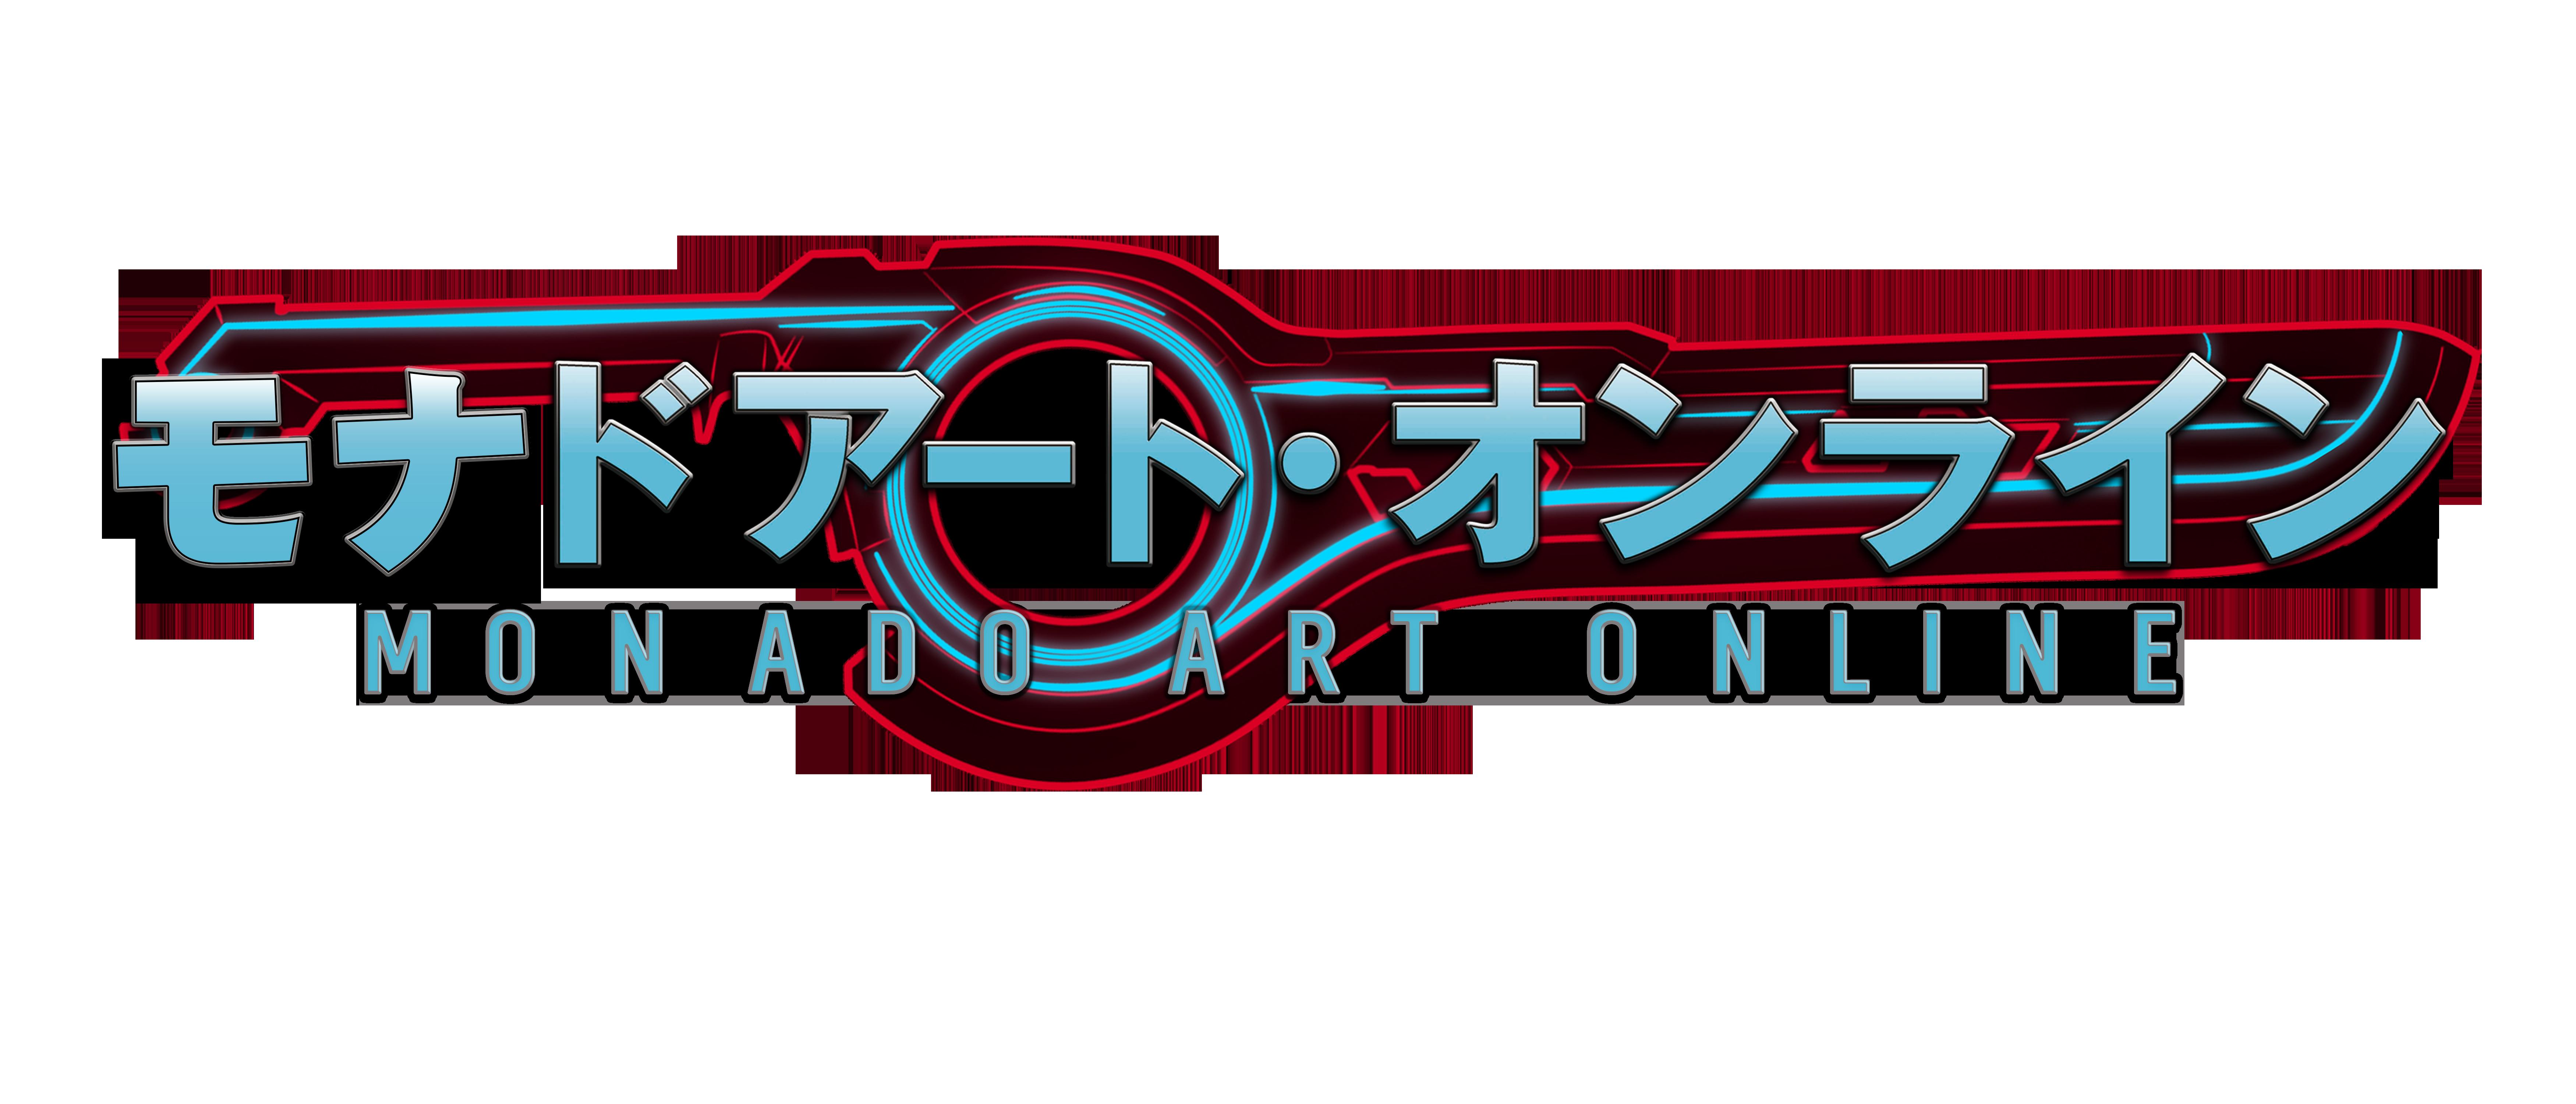 monado art online logo by leafpenguins on deviantart